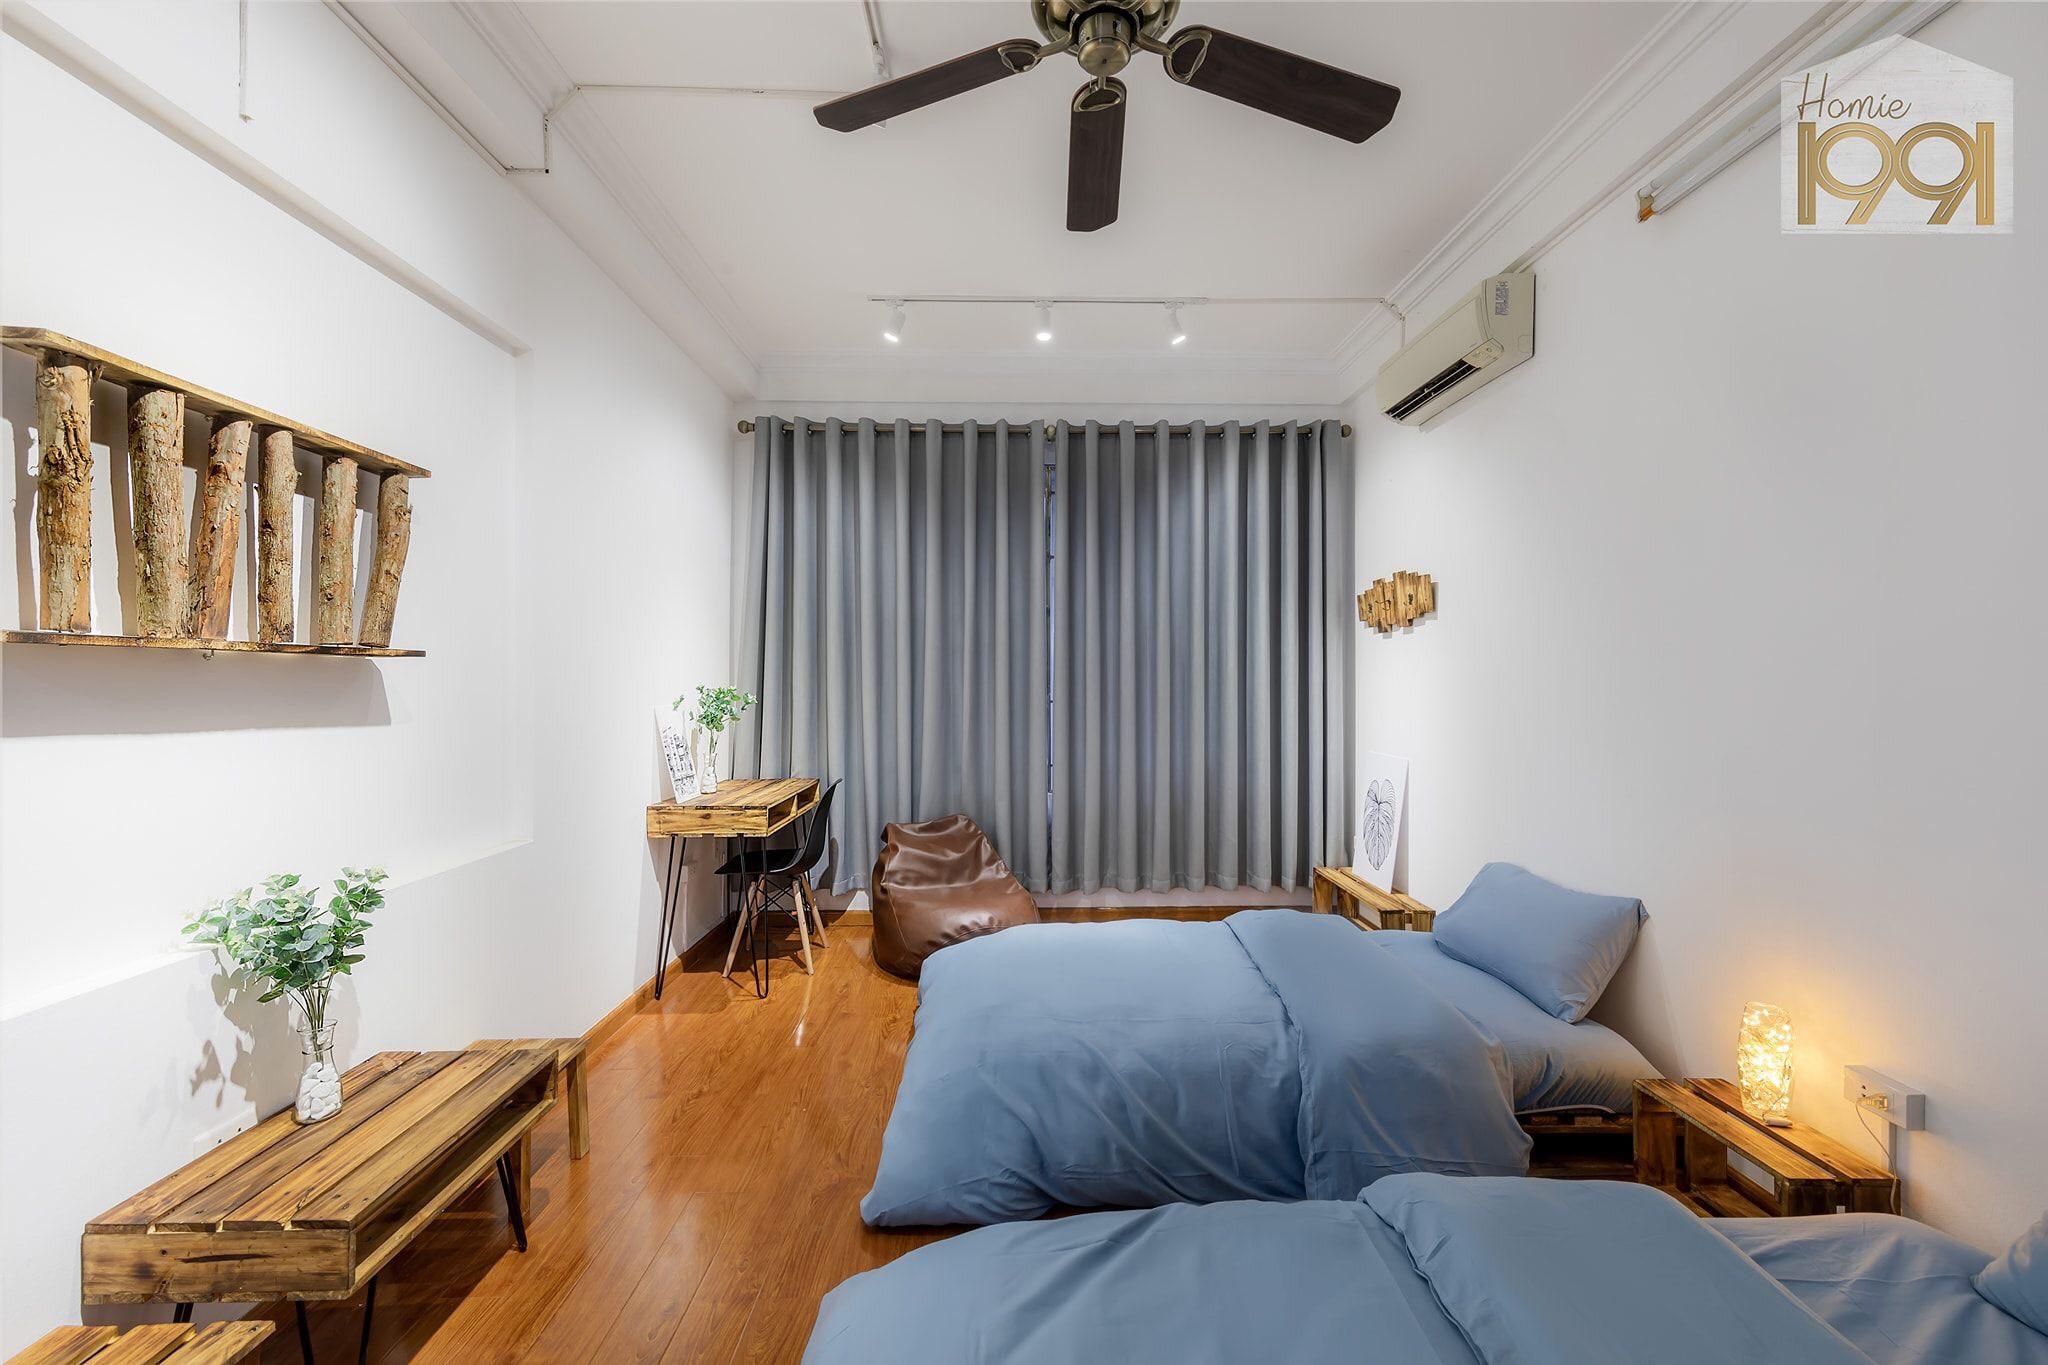 Dịch bệnh dai dẳng, chủ homestay lỗ tiền tỷ đứt ruột bán tháo 75% căn hộ - 1